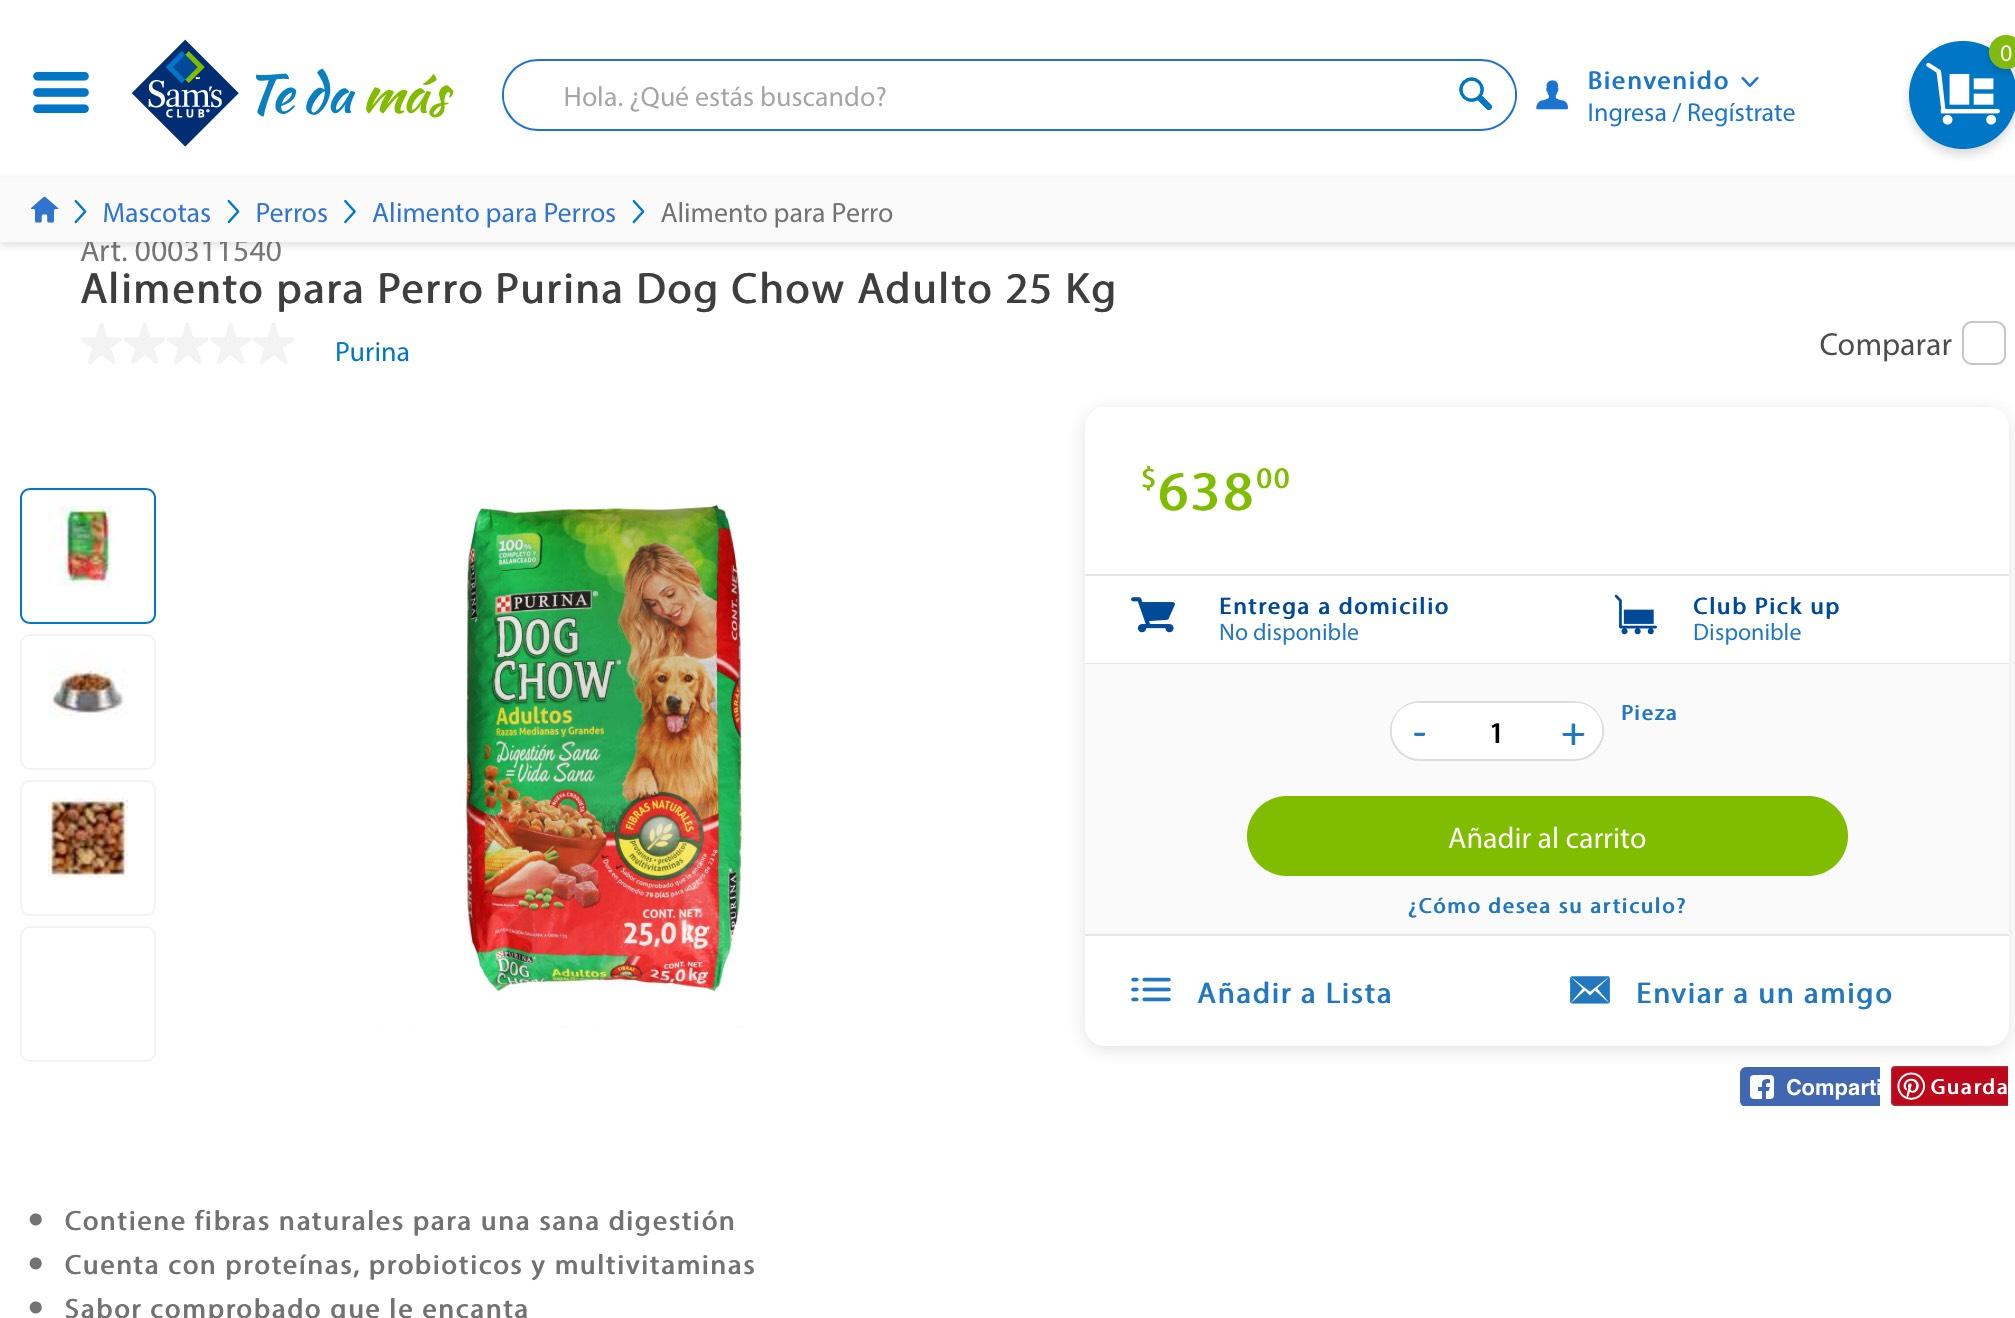 Sam's Club: Dog Chow Adulto 25 Kg